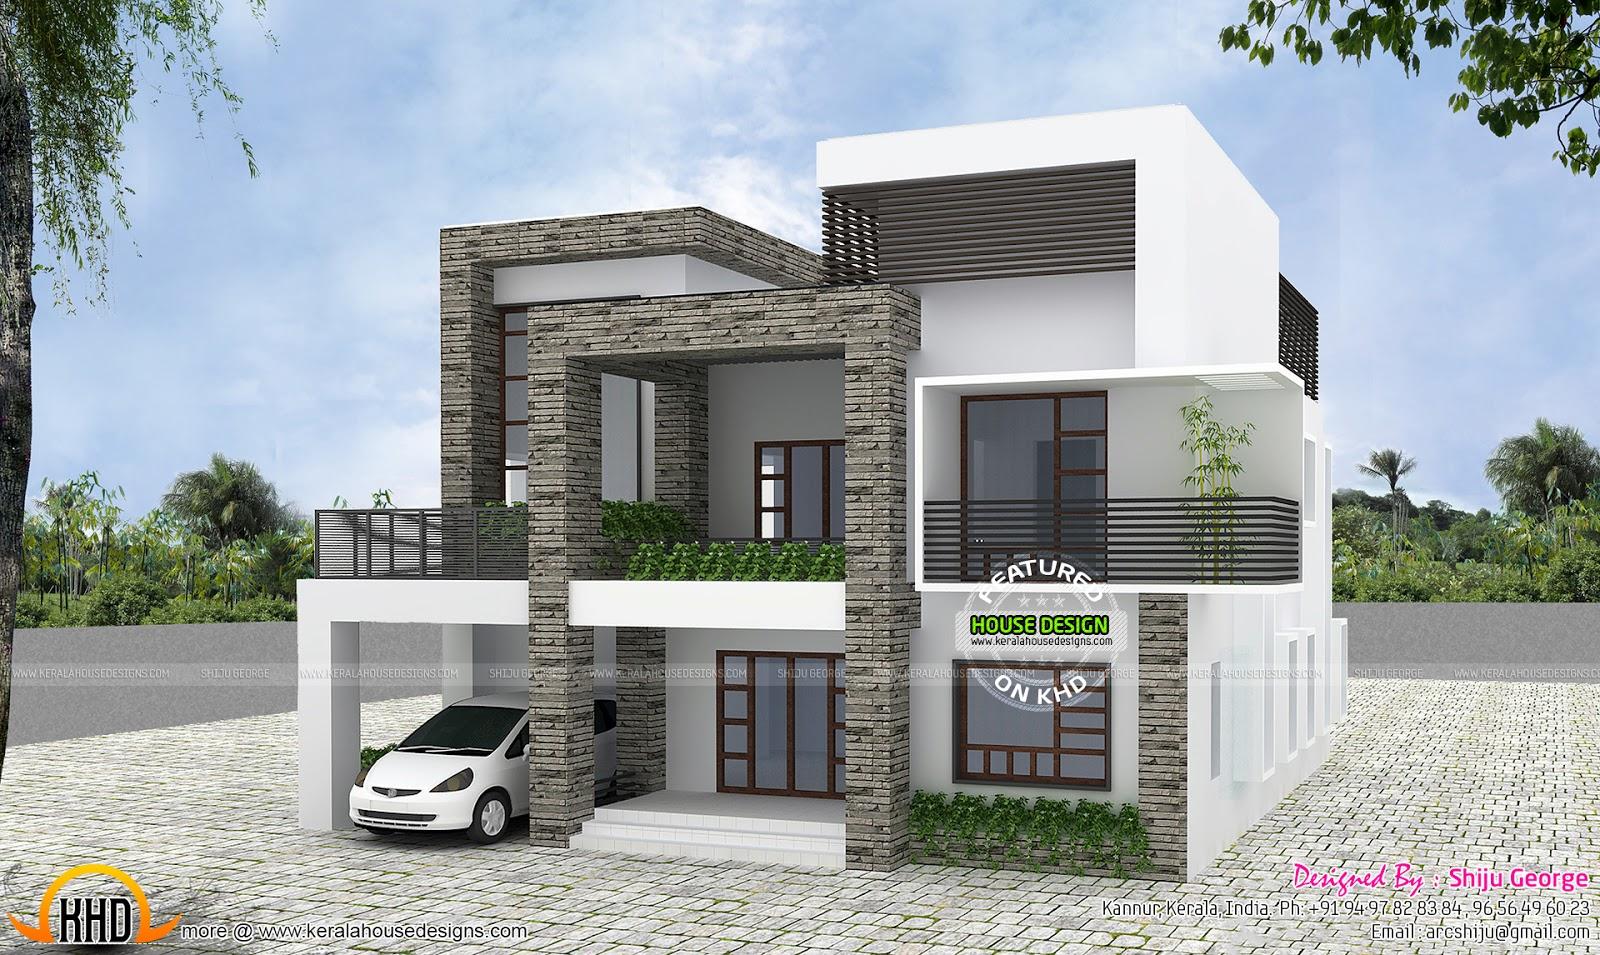 contemporary house shiju george kerala home design floor october kerala home design floor plans